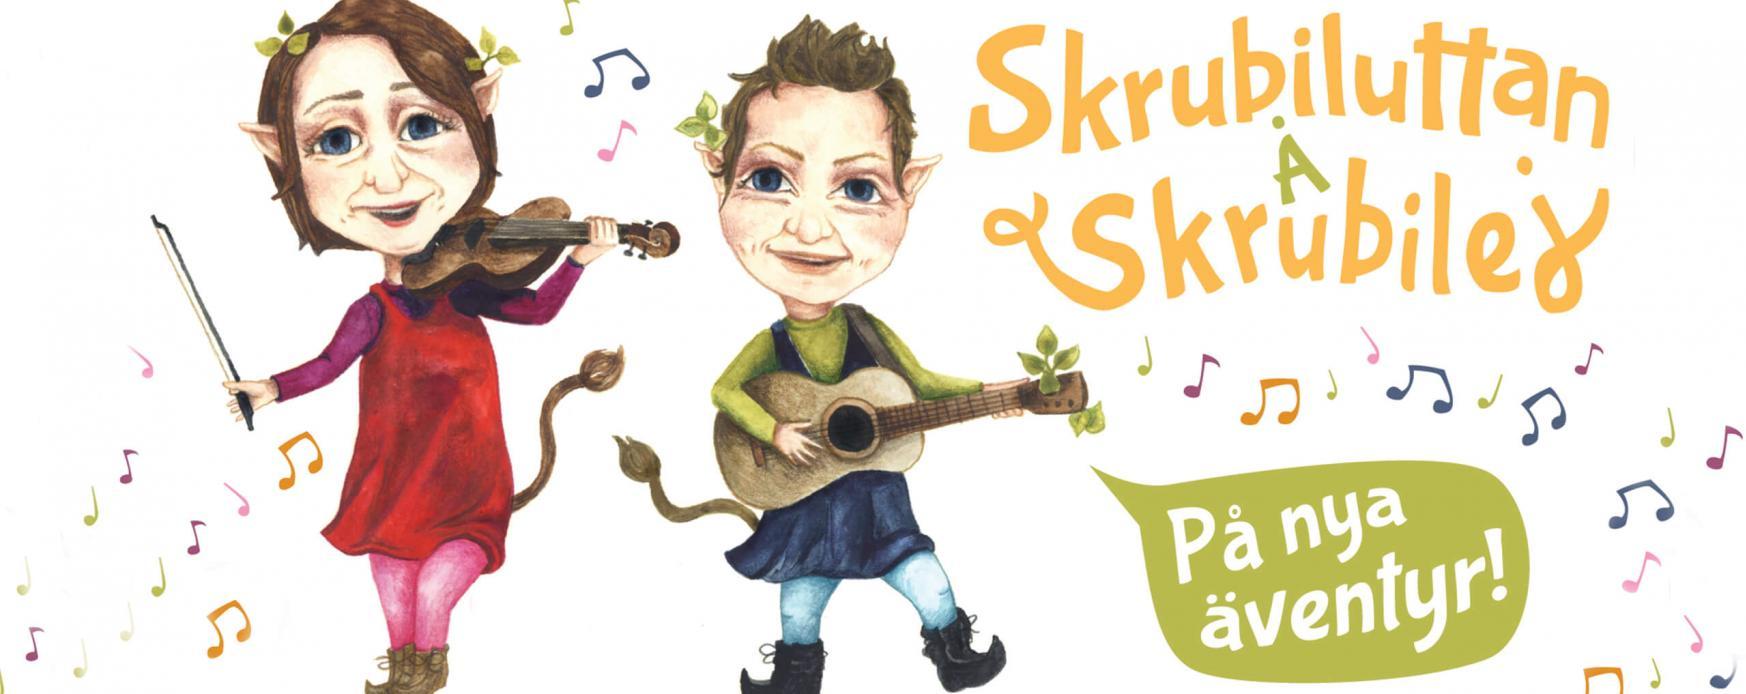 The Nordic Institute on Åland presents folkmusic concert for both old and young, Skrubiluttan Å Skrubilej.